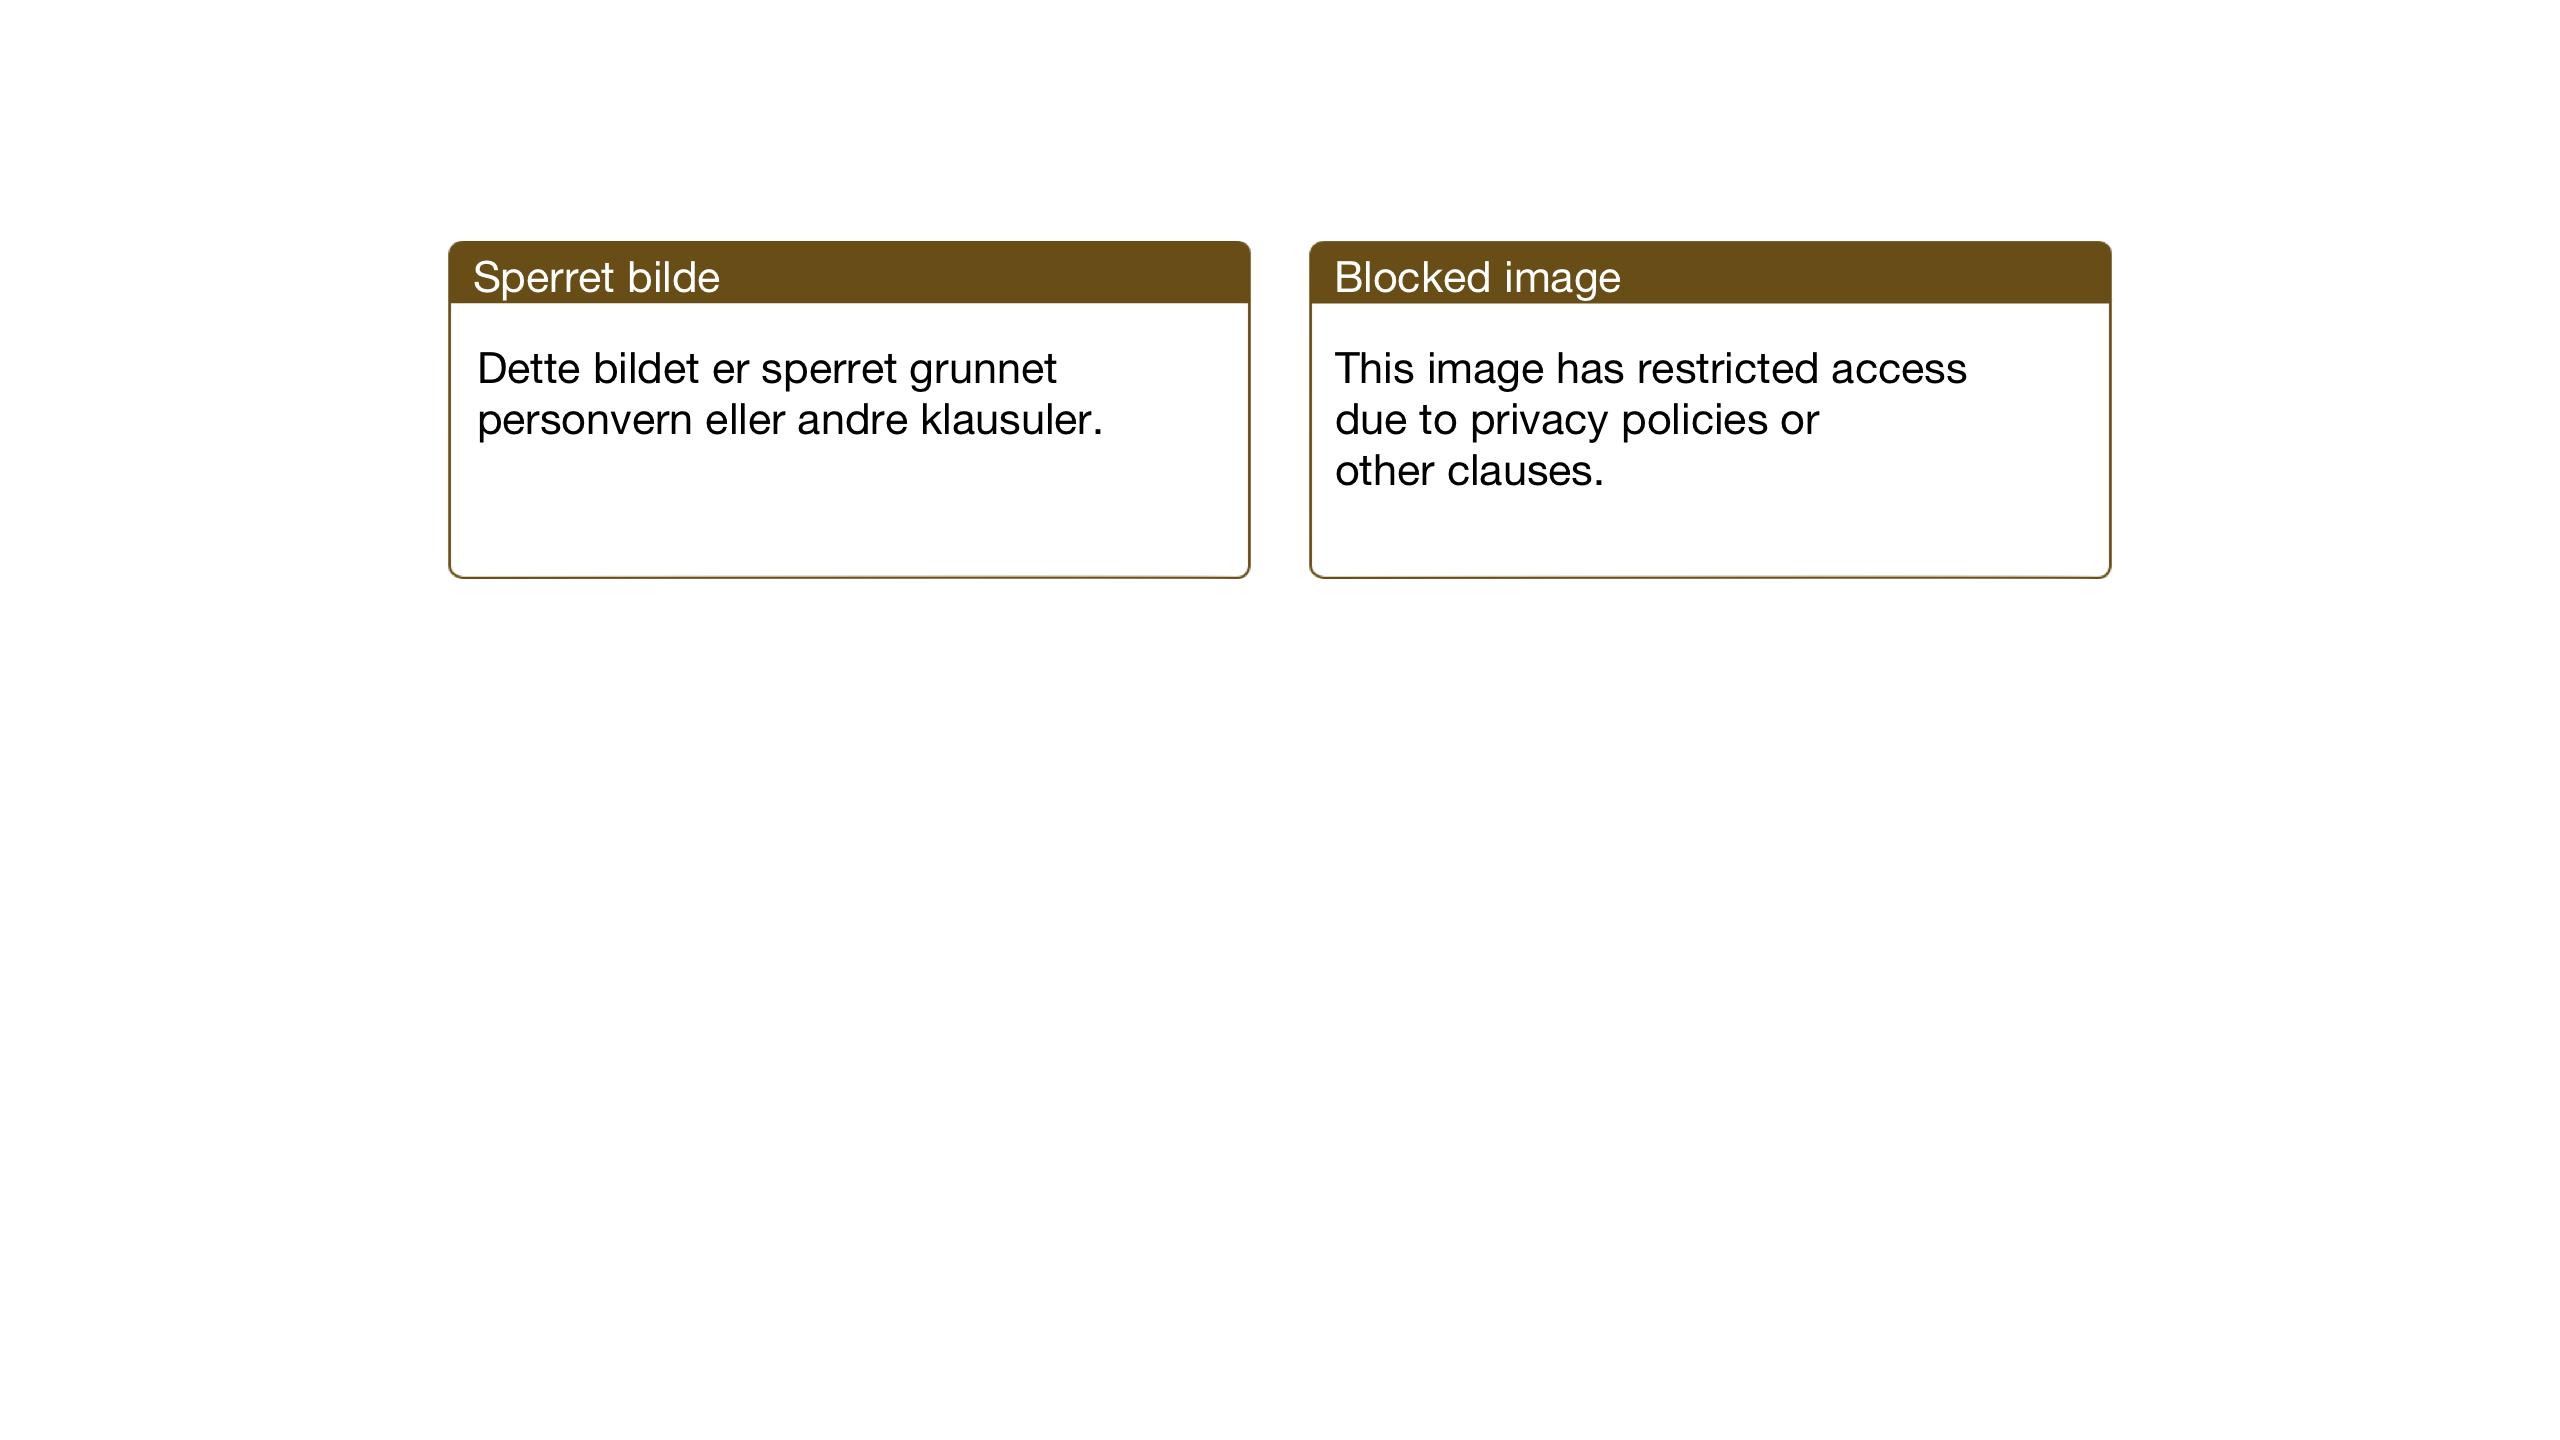 SAT, Ministerialprotokoller, klokkerbøker og fødselsregistre - Sør-Trøndelag, 630/L0508: Klokkerbok nr. 630C06, 1933-1950, s. 158